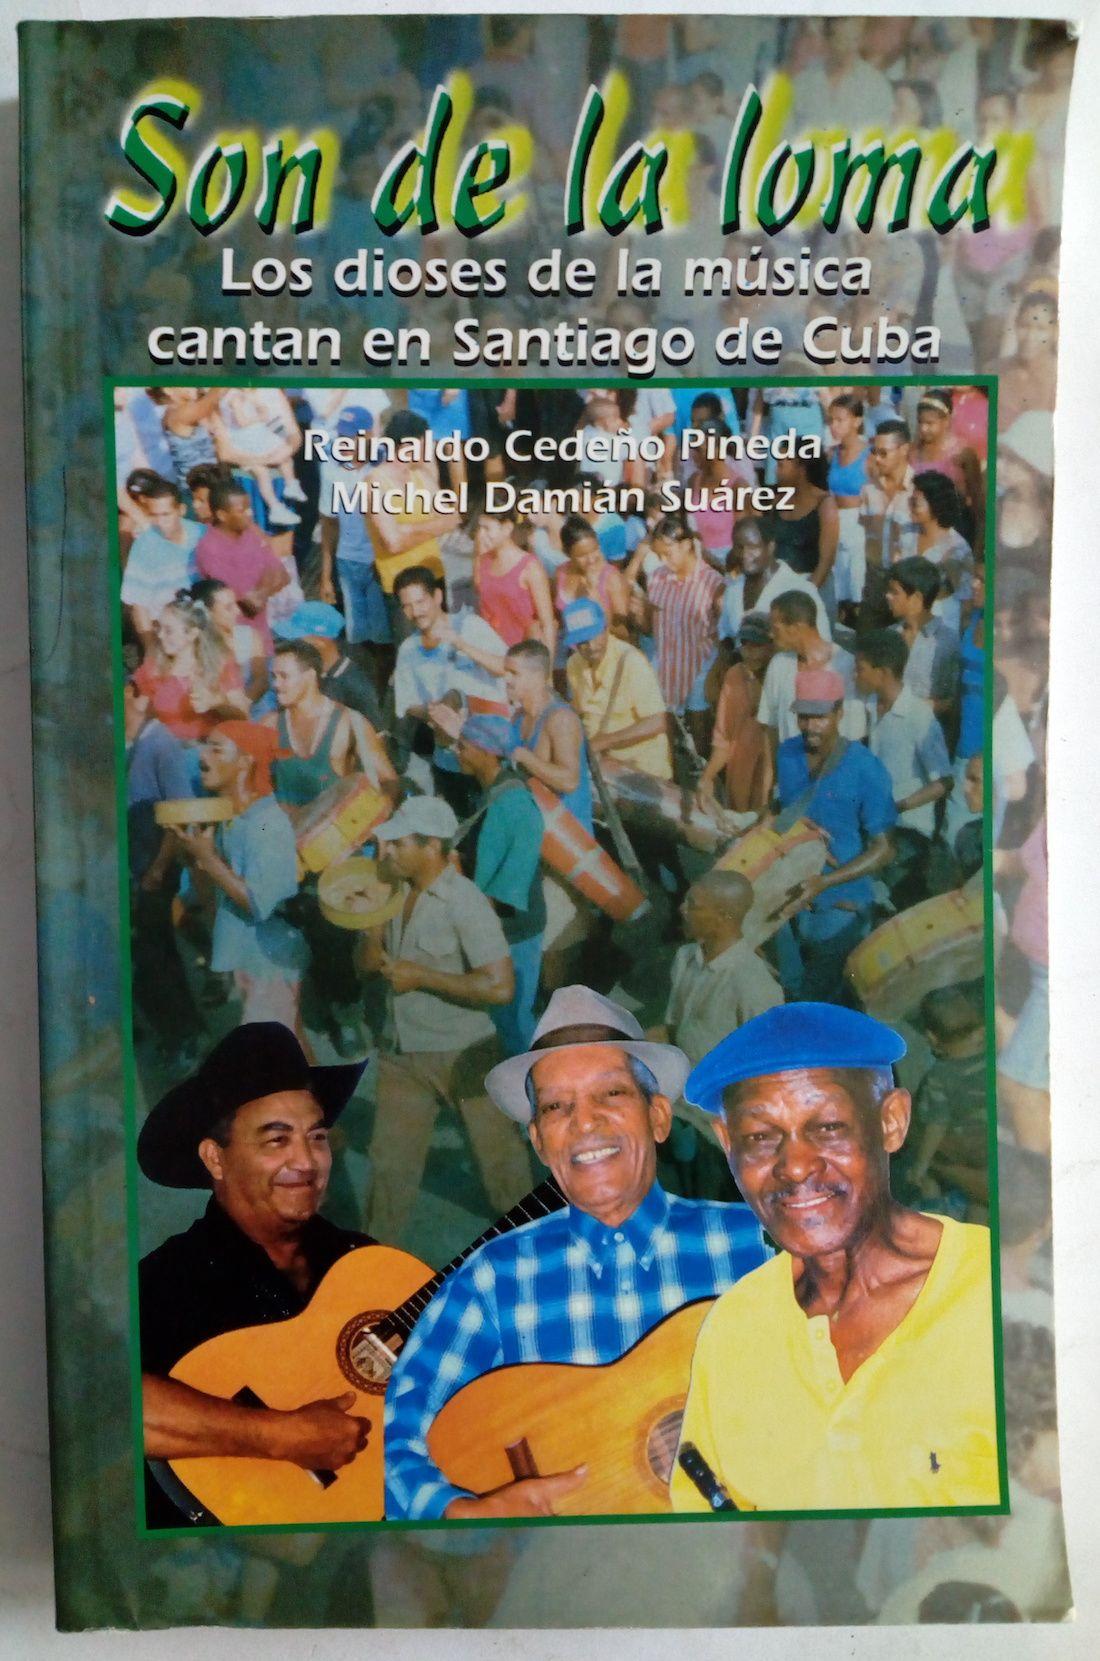 Son de la loma. Los dioses de la música cubana cantan en Santiago de Cuba, de Reinaldo Cedeño Pineda y Michel Damián Suárez - Librería Ofisierra